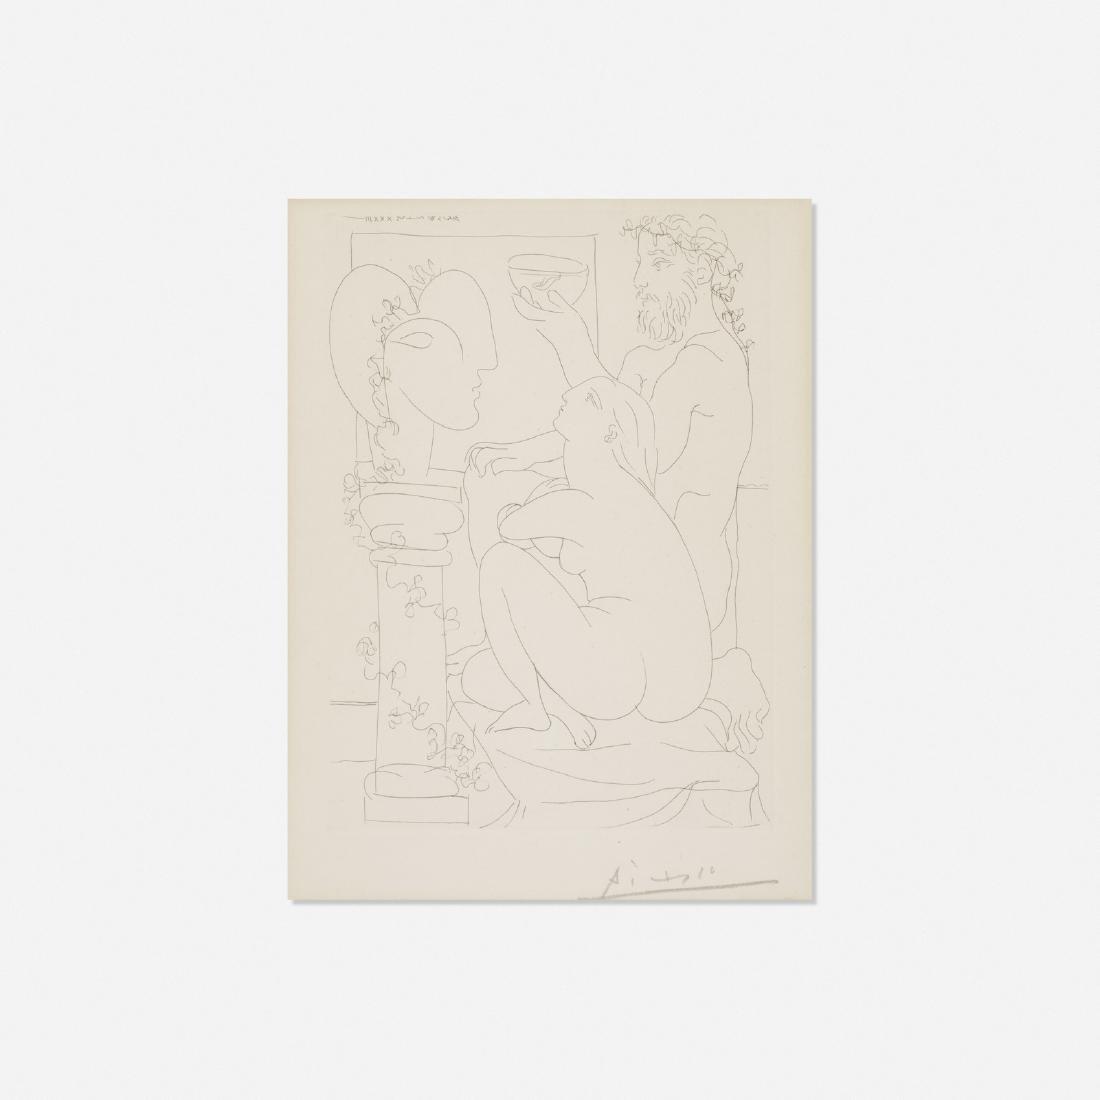 Pablo Picasso, Sculpteur avec Coupe et Modee accroupi